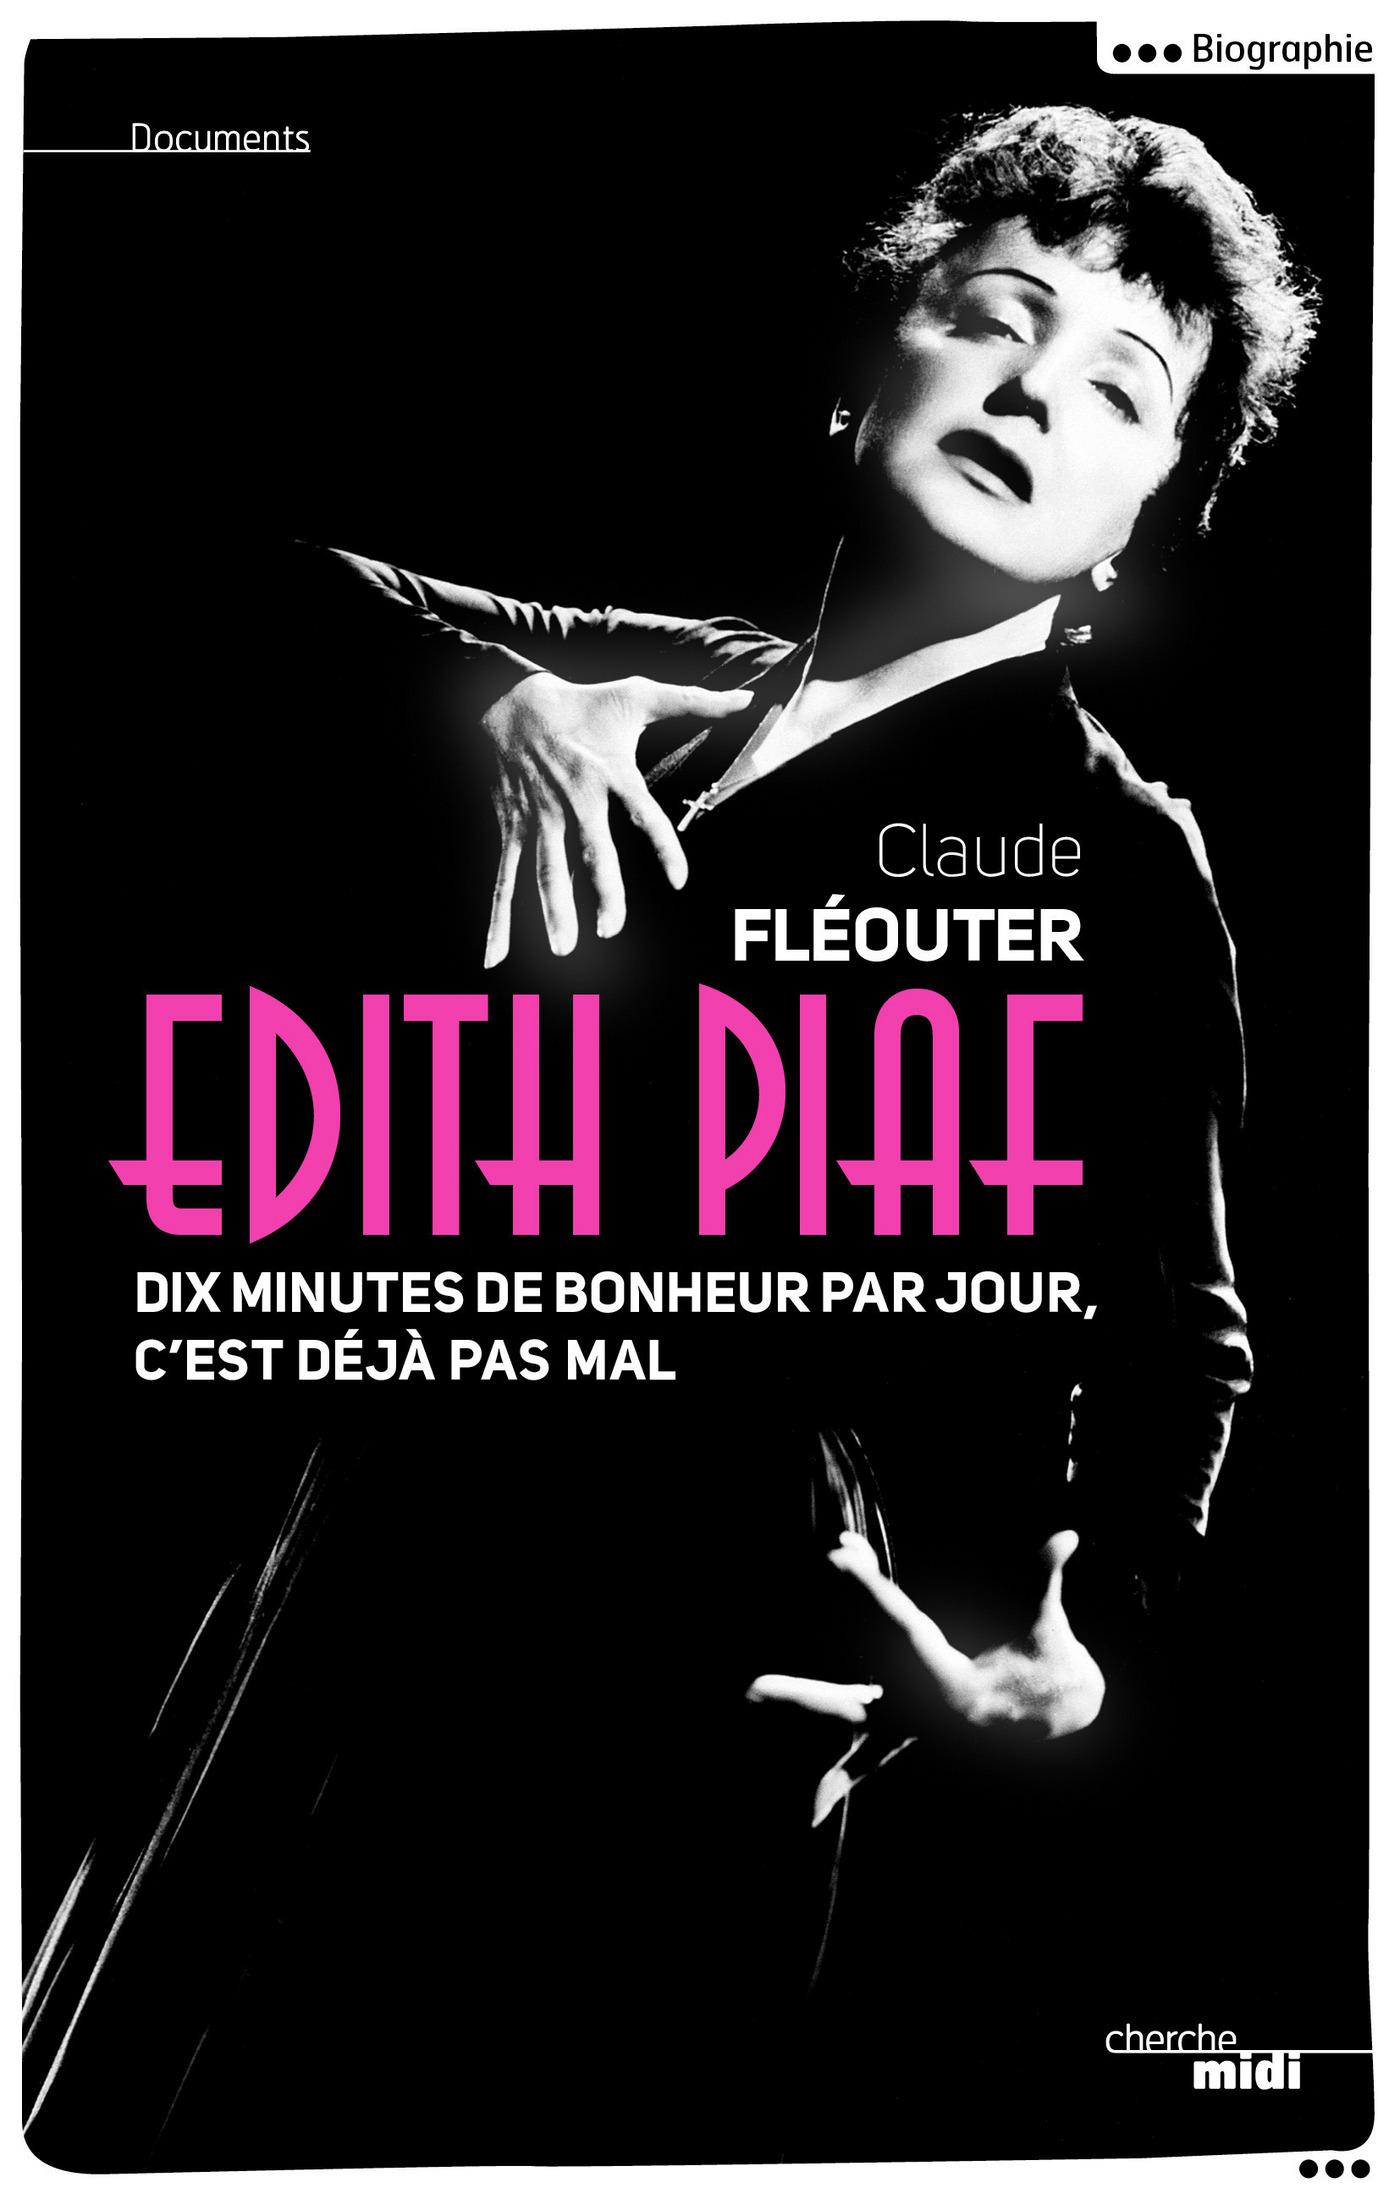 Edith Piaf, dix minutes de bonheur par jour, c'est déjà pas mal (ebook)